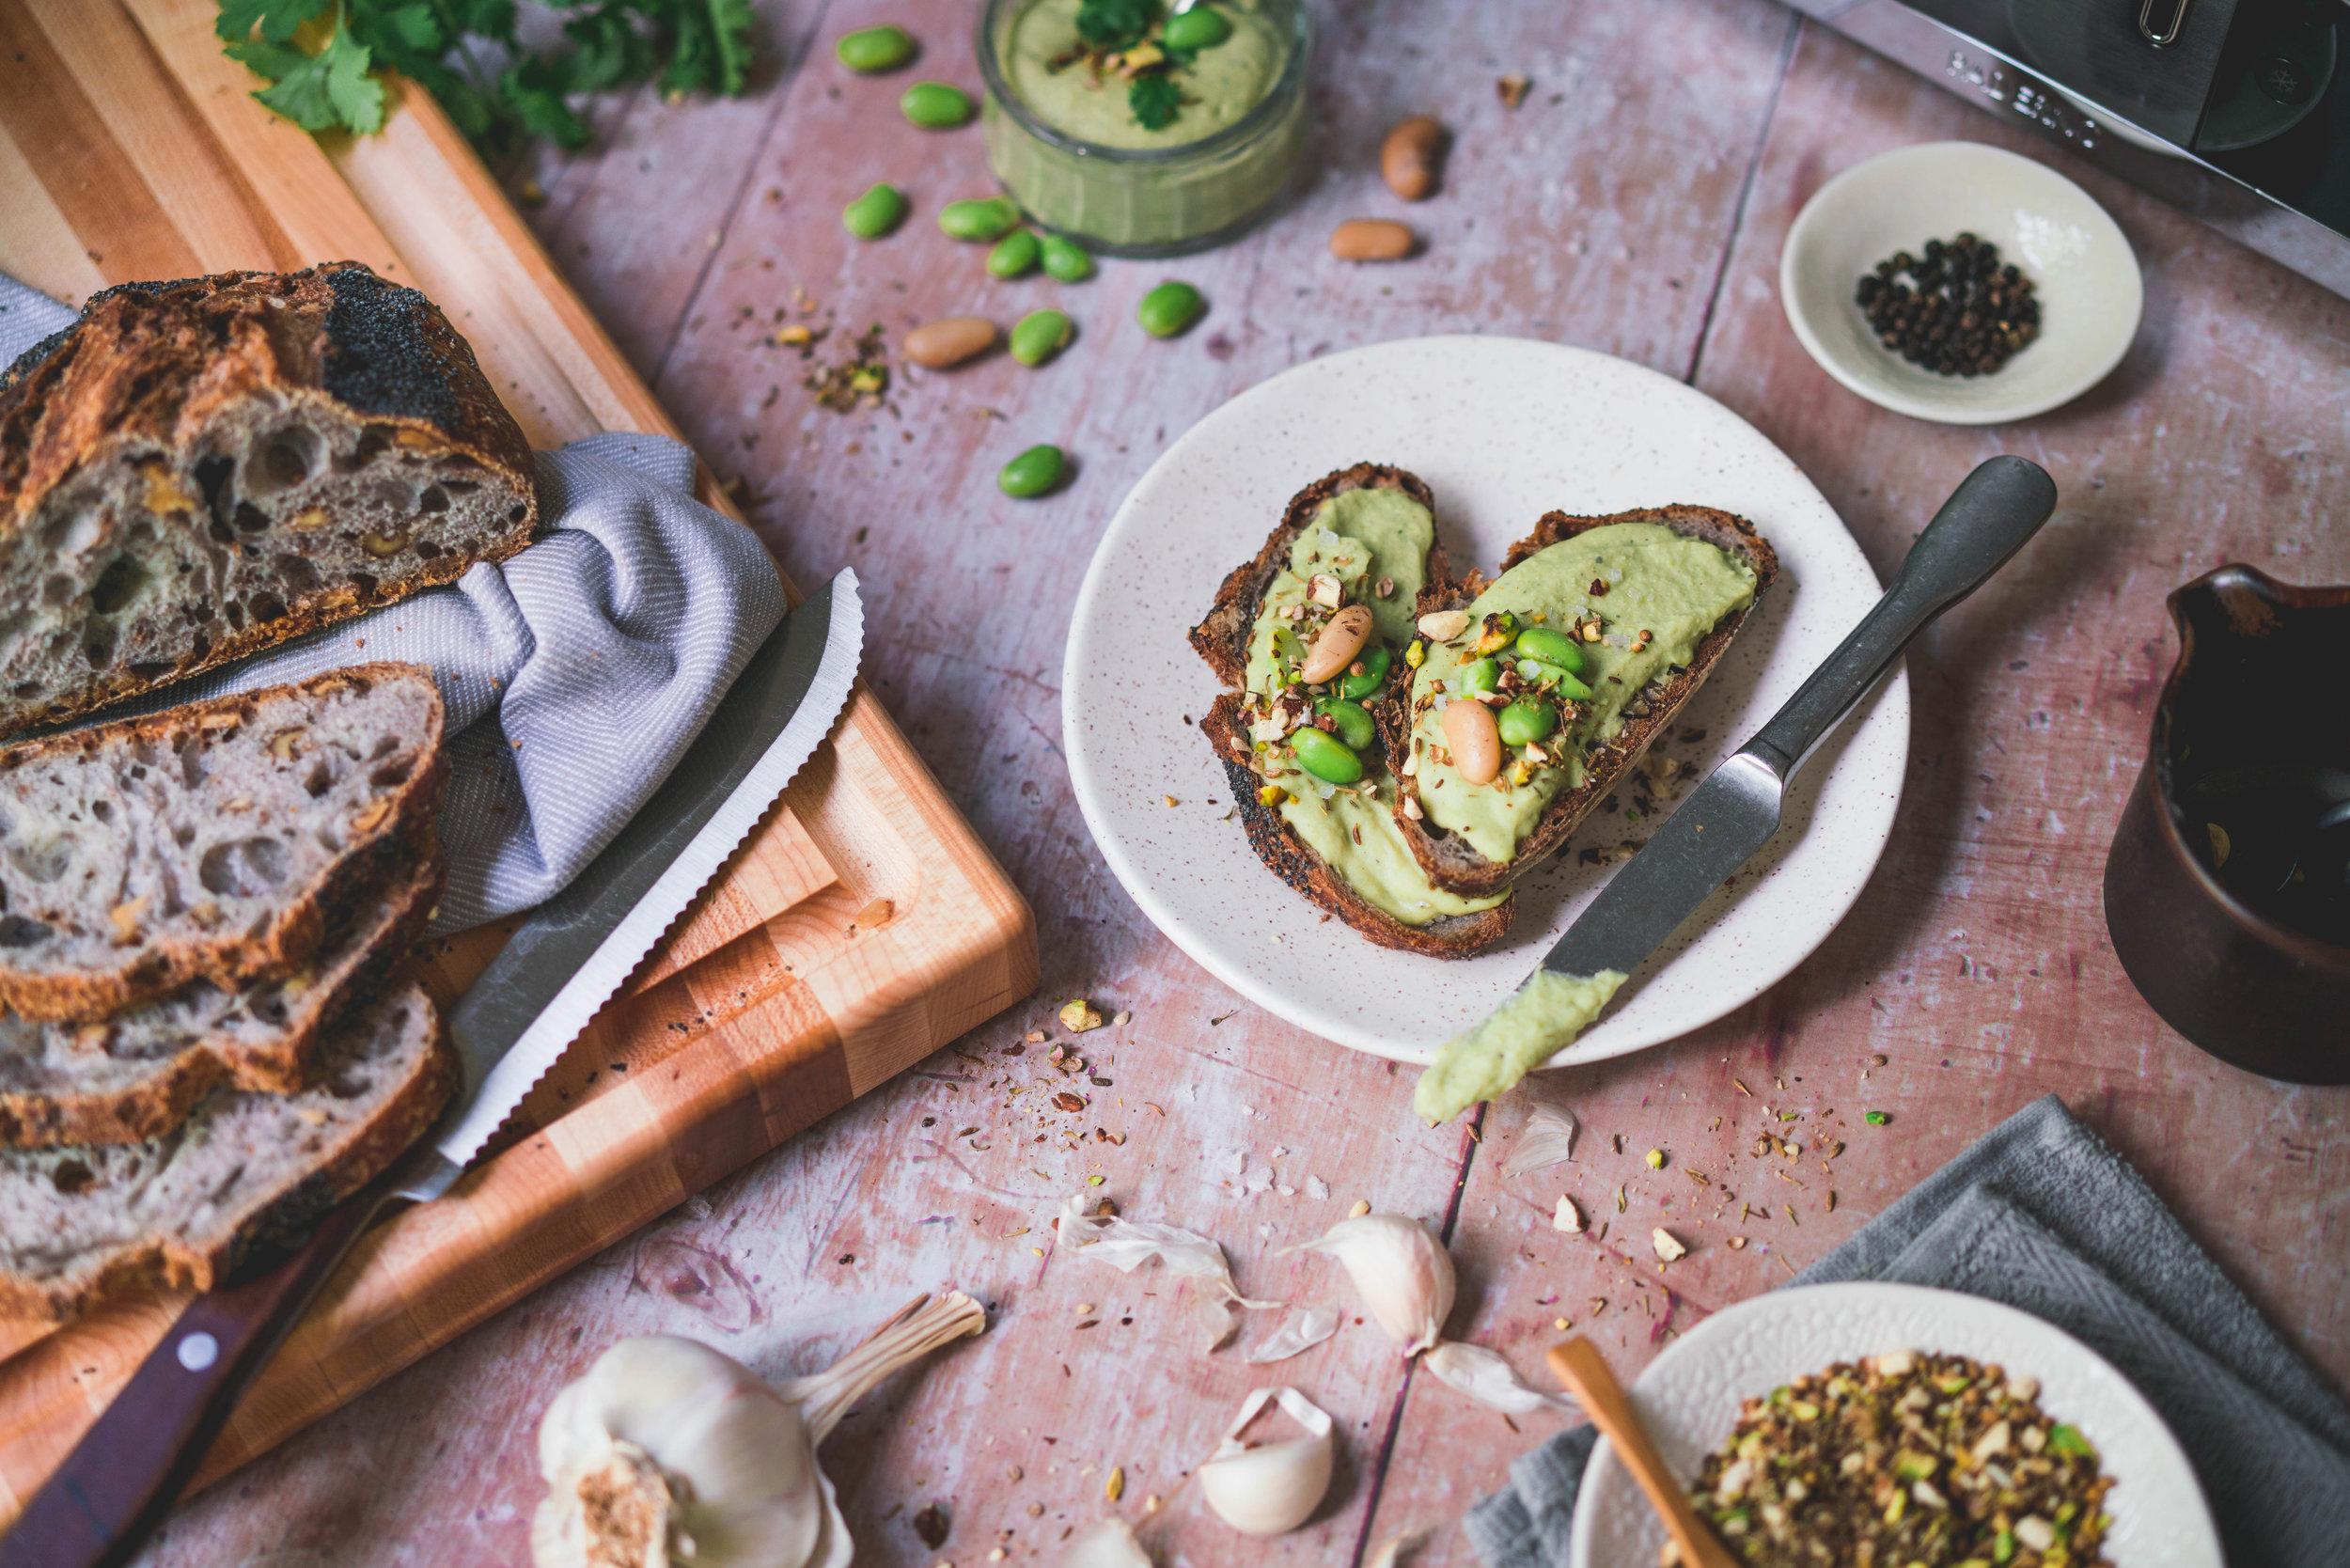 White Bean, Edamame & Cilantro spread on toasts, with dukkah spices.